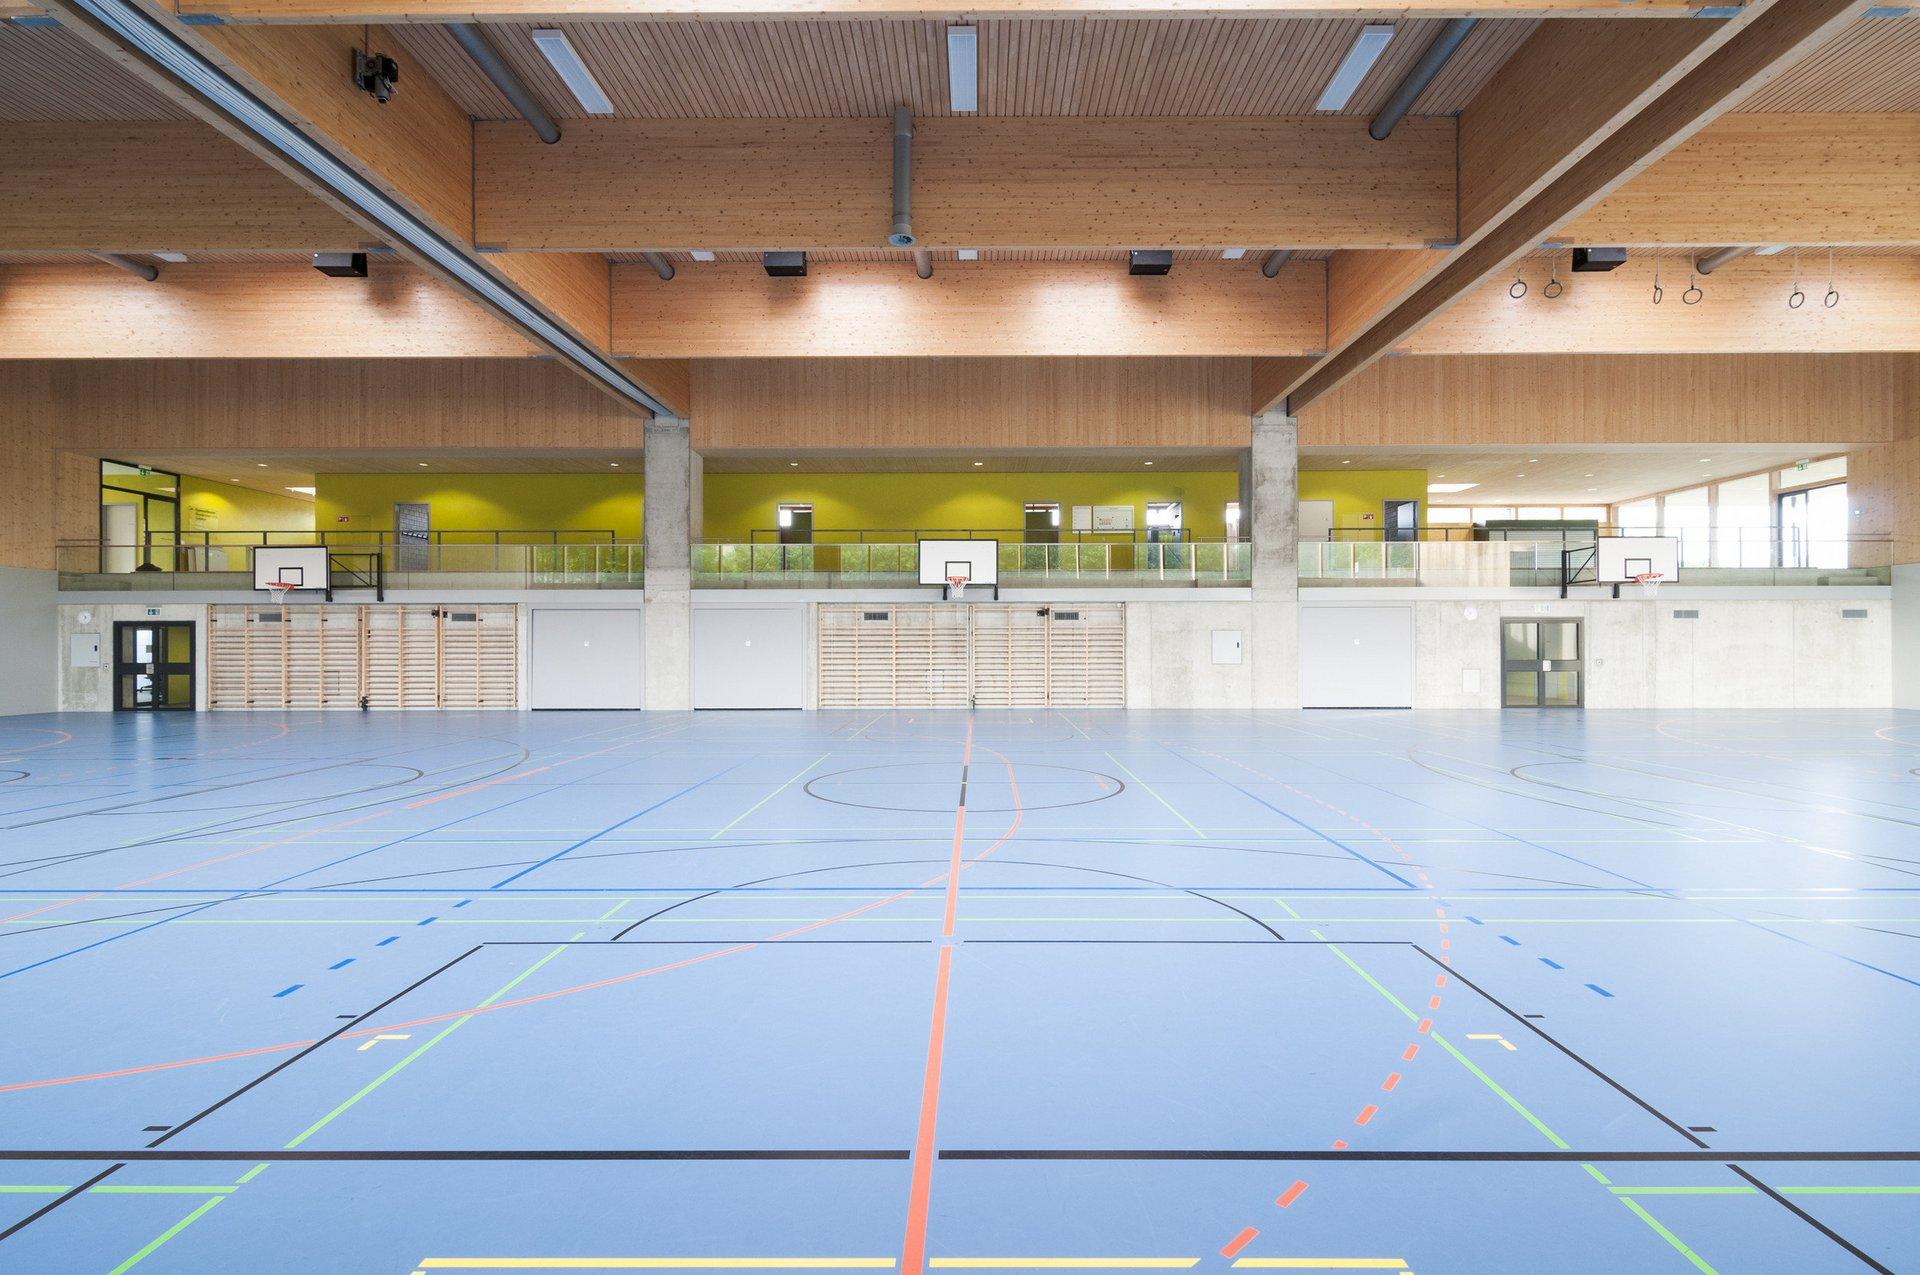 Sporthalle von innen mit Fokus auf Breite